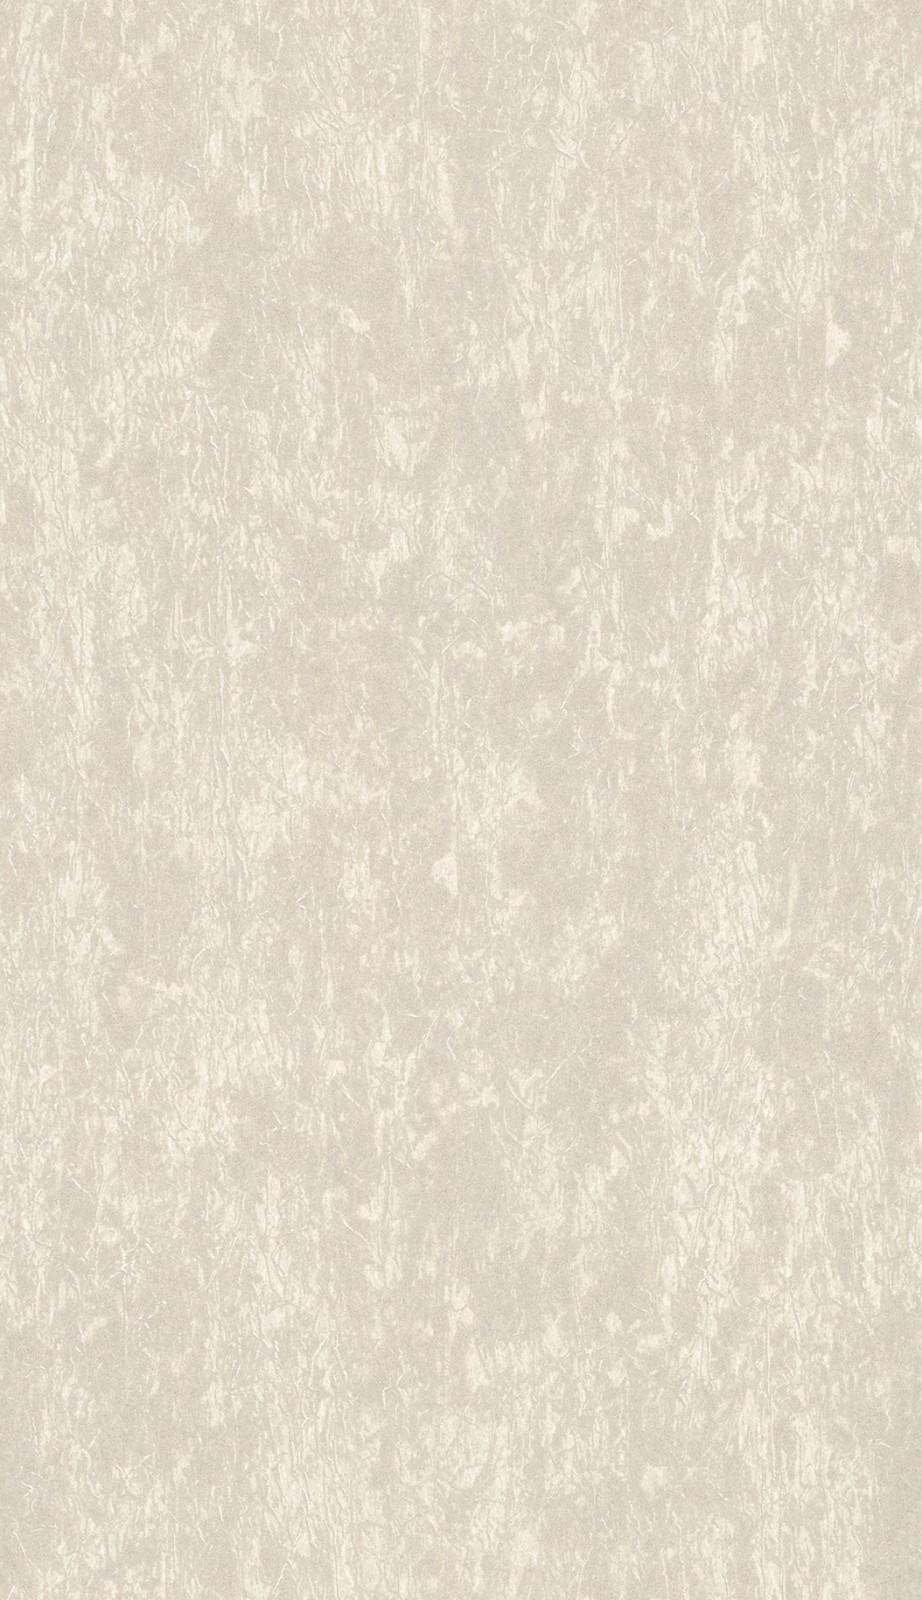 tapete rasch textil tintura struktur grau beige 227139